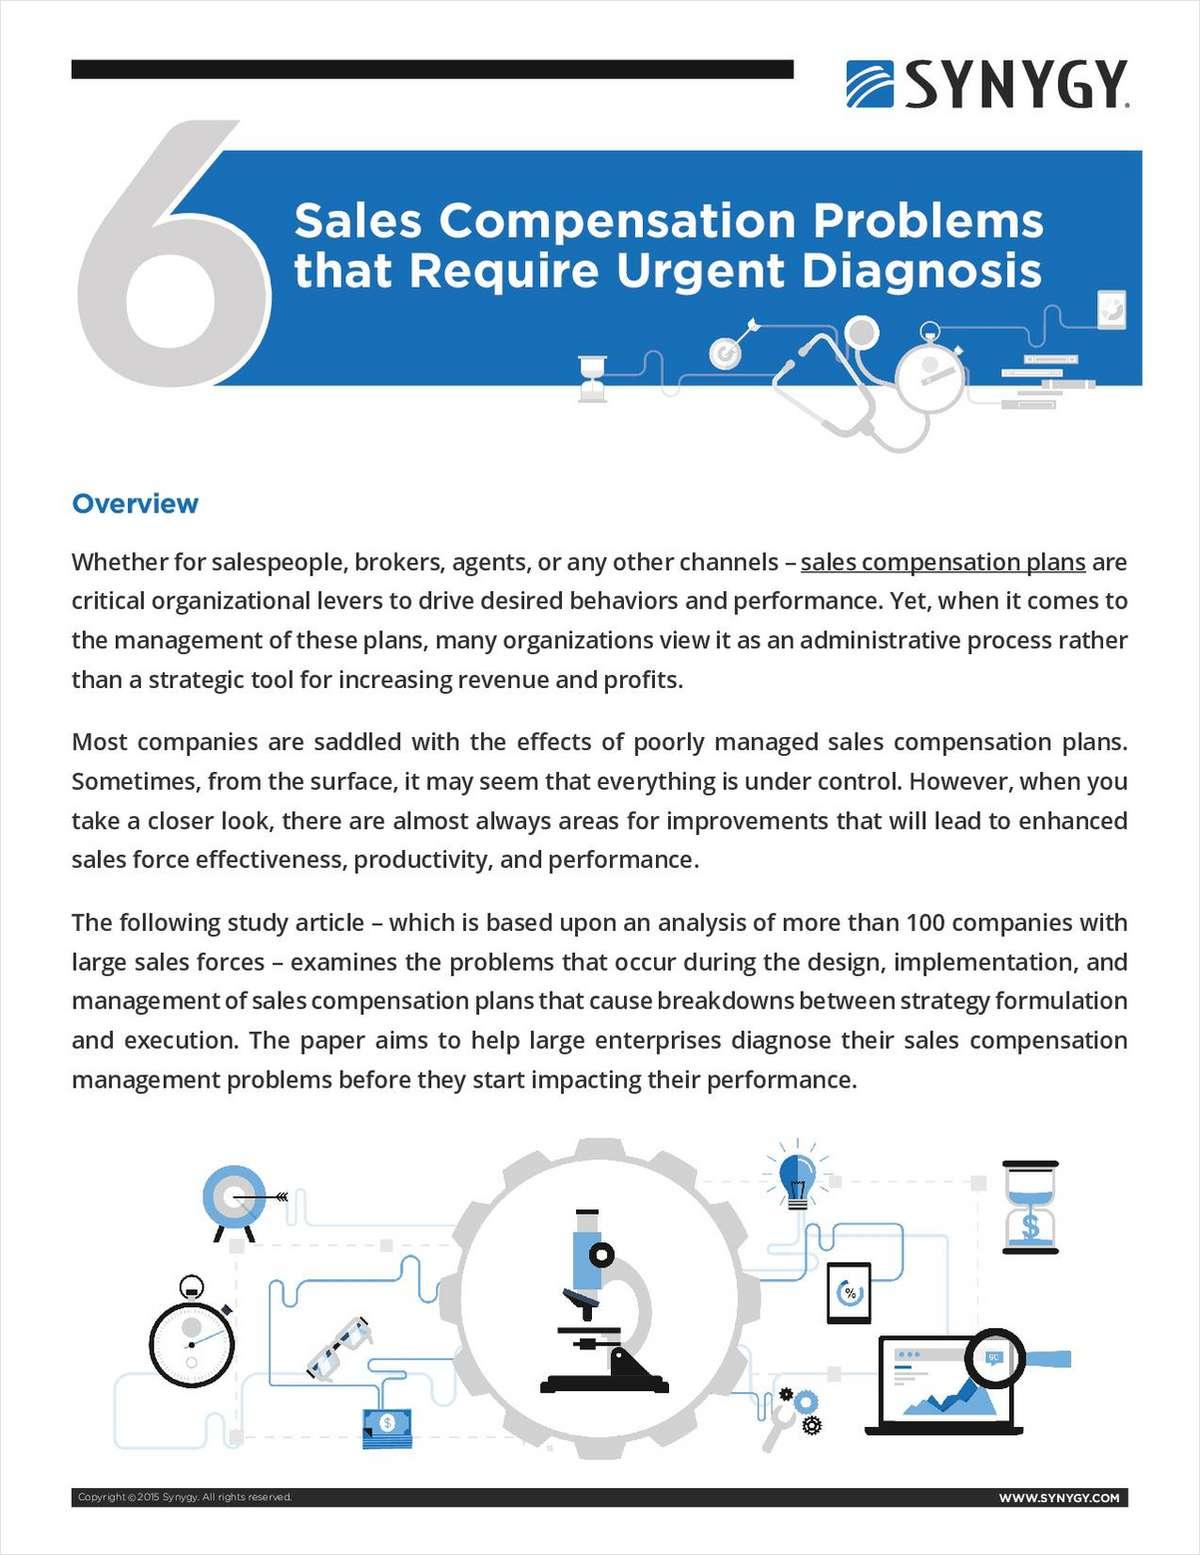 6 Sales Compensation Problems that Require Urgent Diagnosis